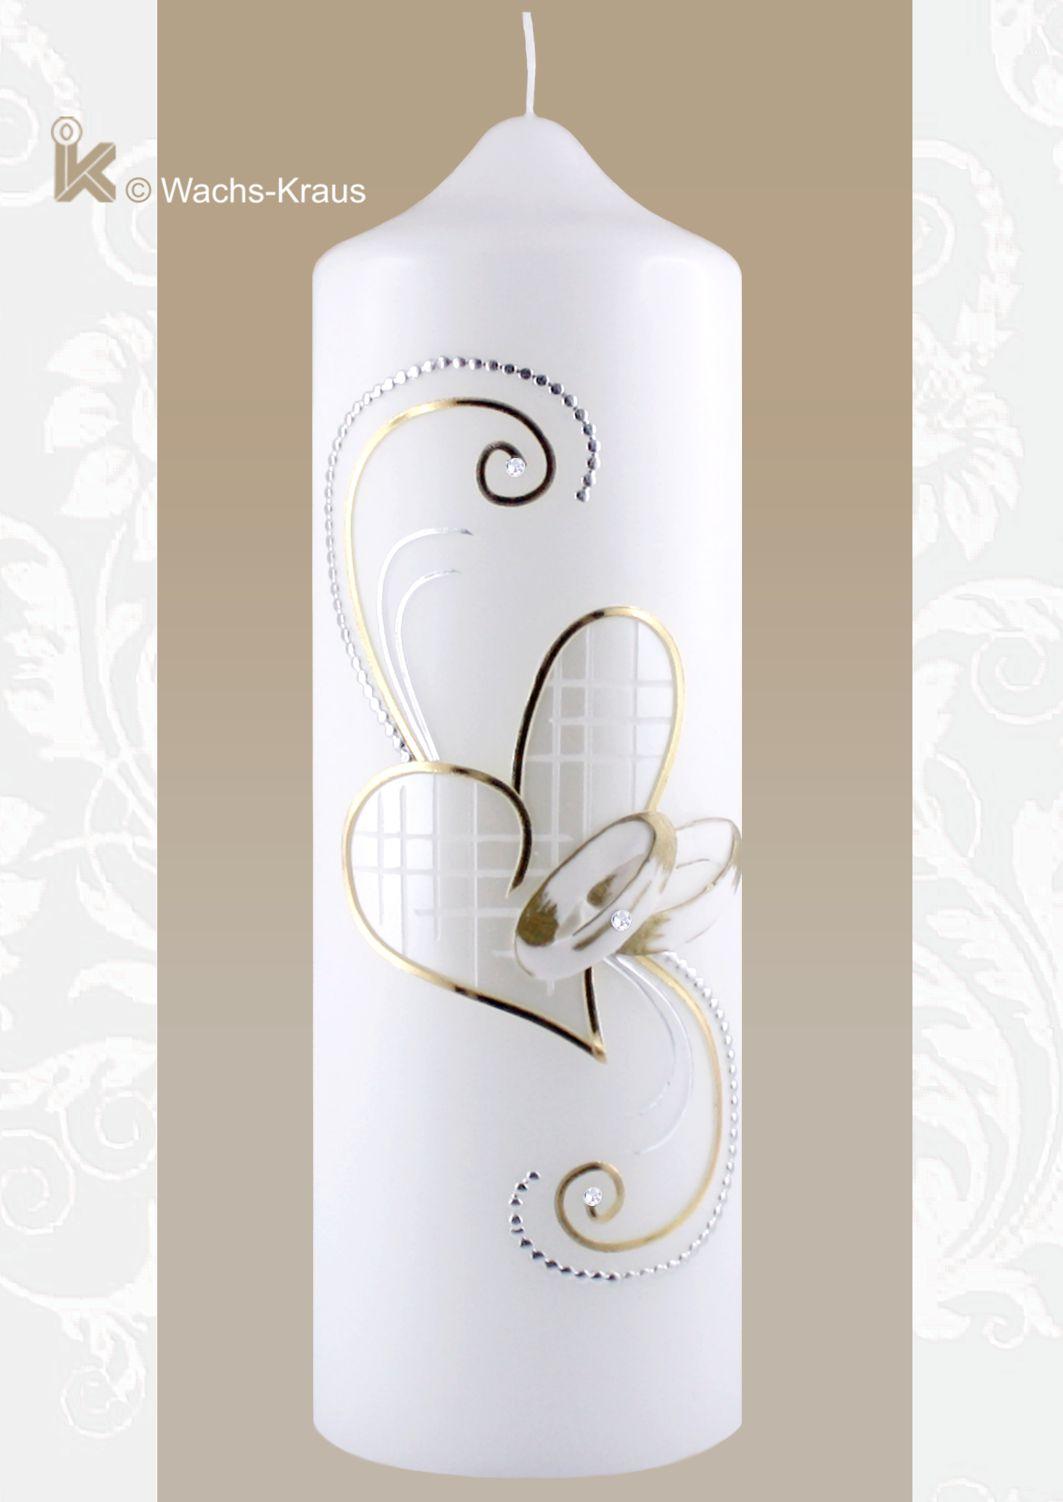 Hochzeitskerze Herz gold und silber mit gegossenen Ringen